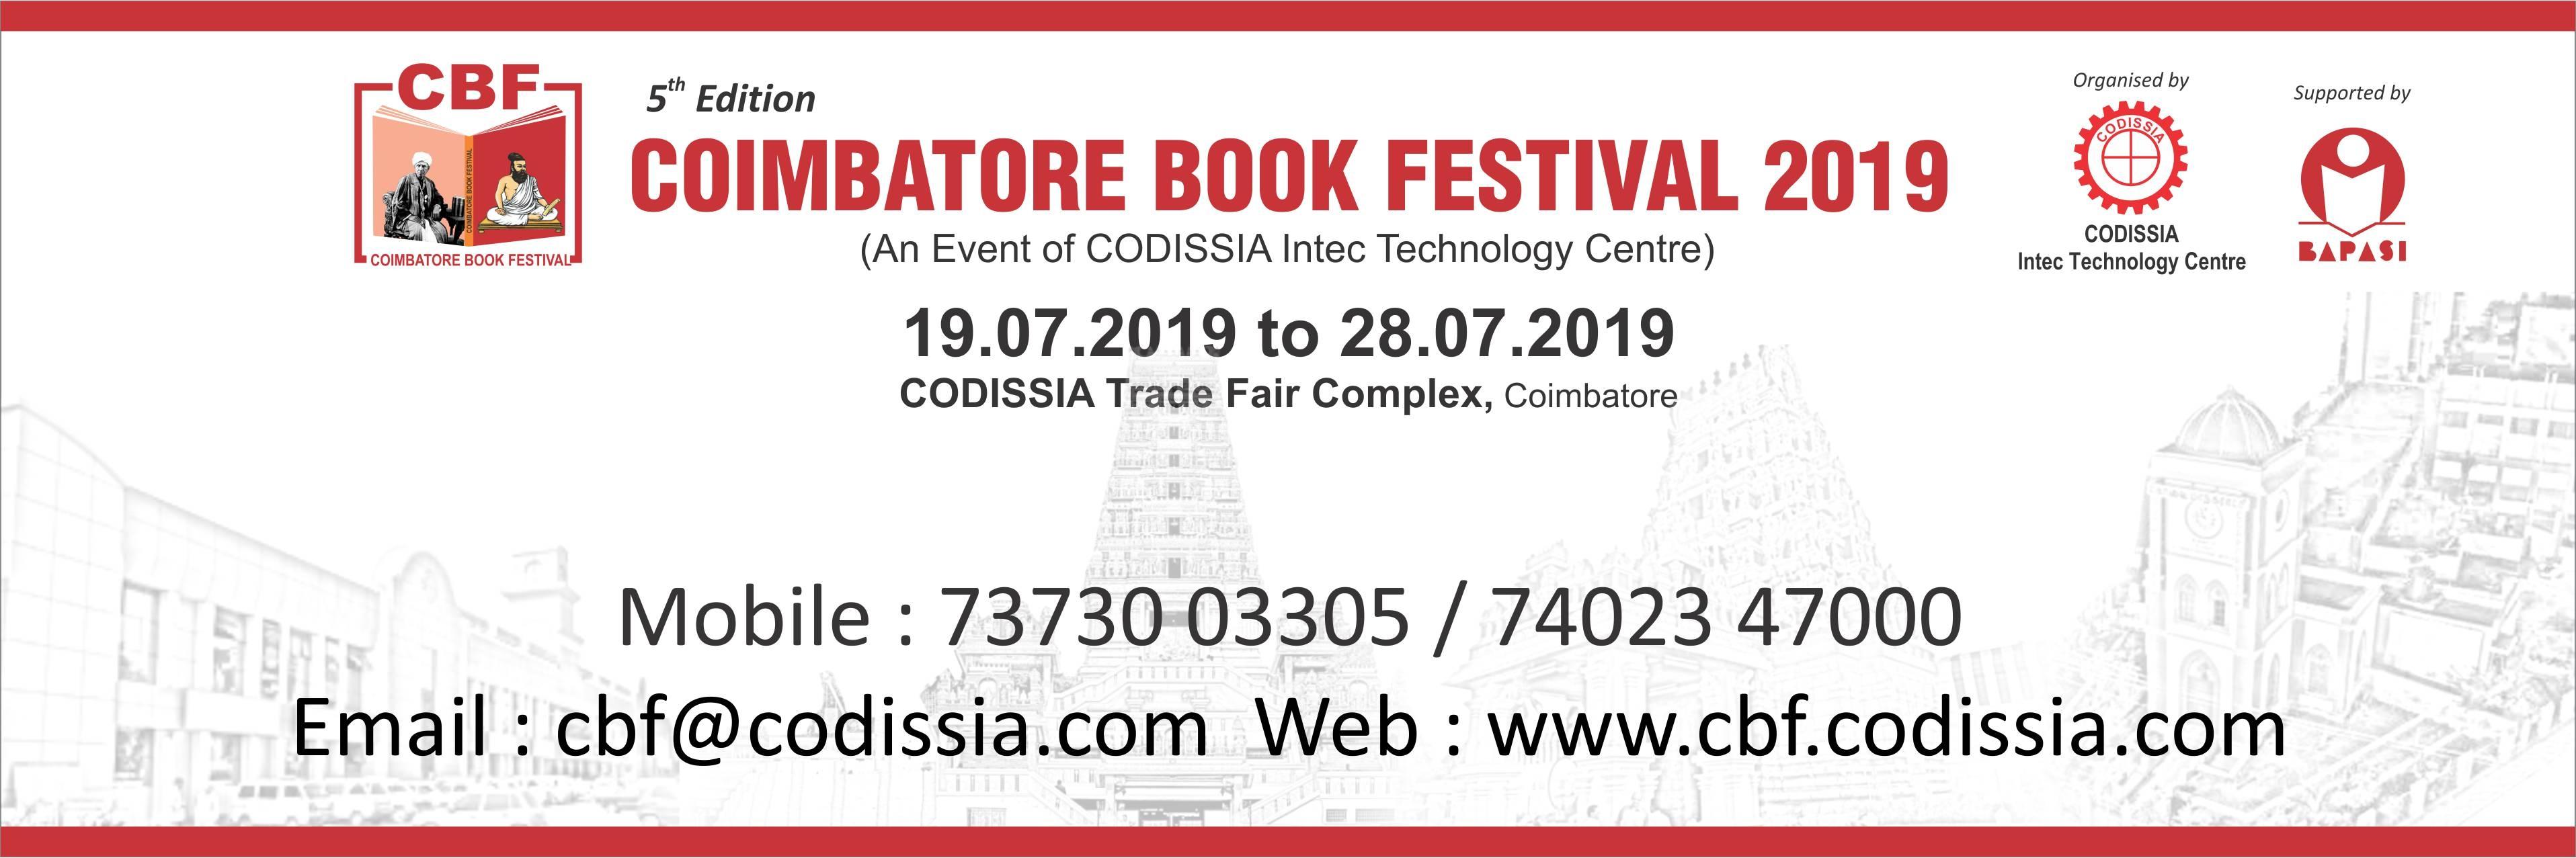 coimbatore book festival 2019